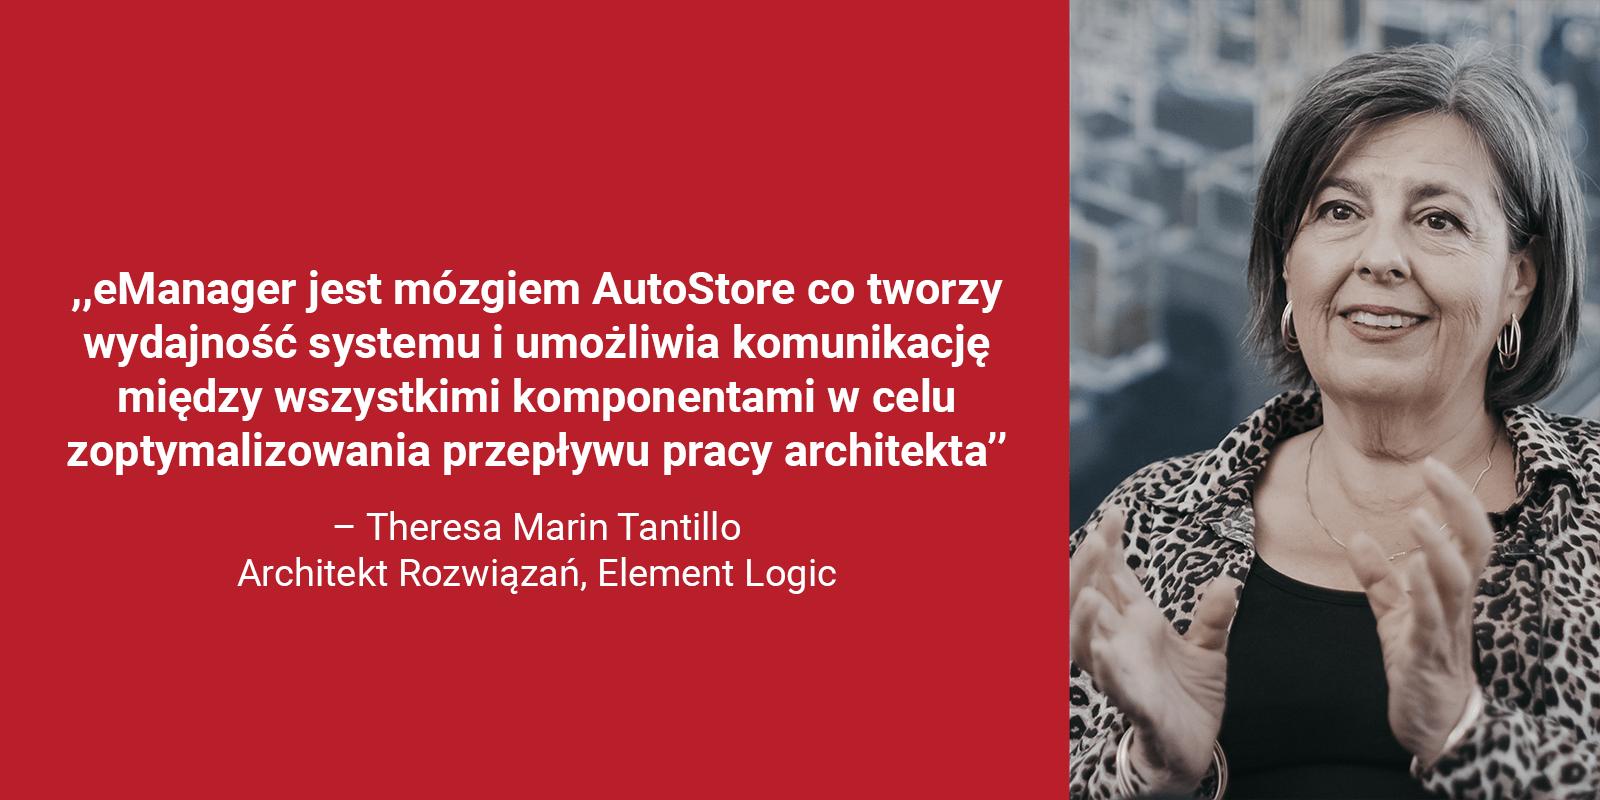 Zbliżenie zdjęcia Theresa Marin Tantillo, Architekt Rozwiązań, Element Logicw czerwonym polu zcytatem: